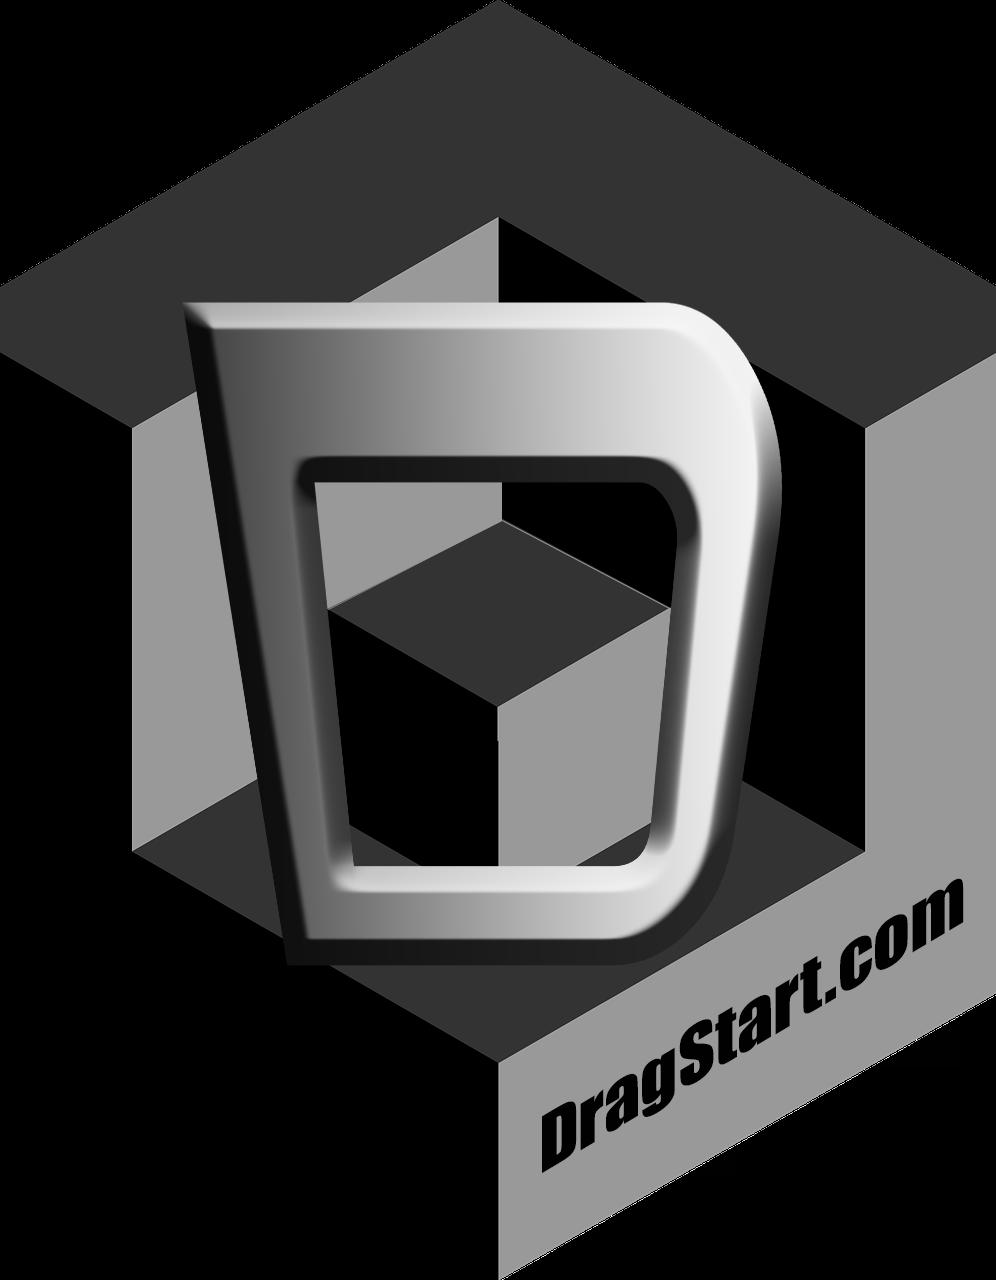 DragStart_logo